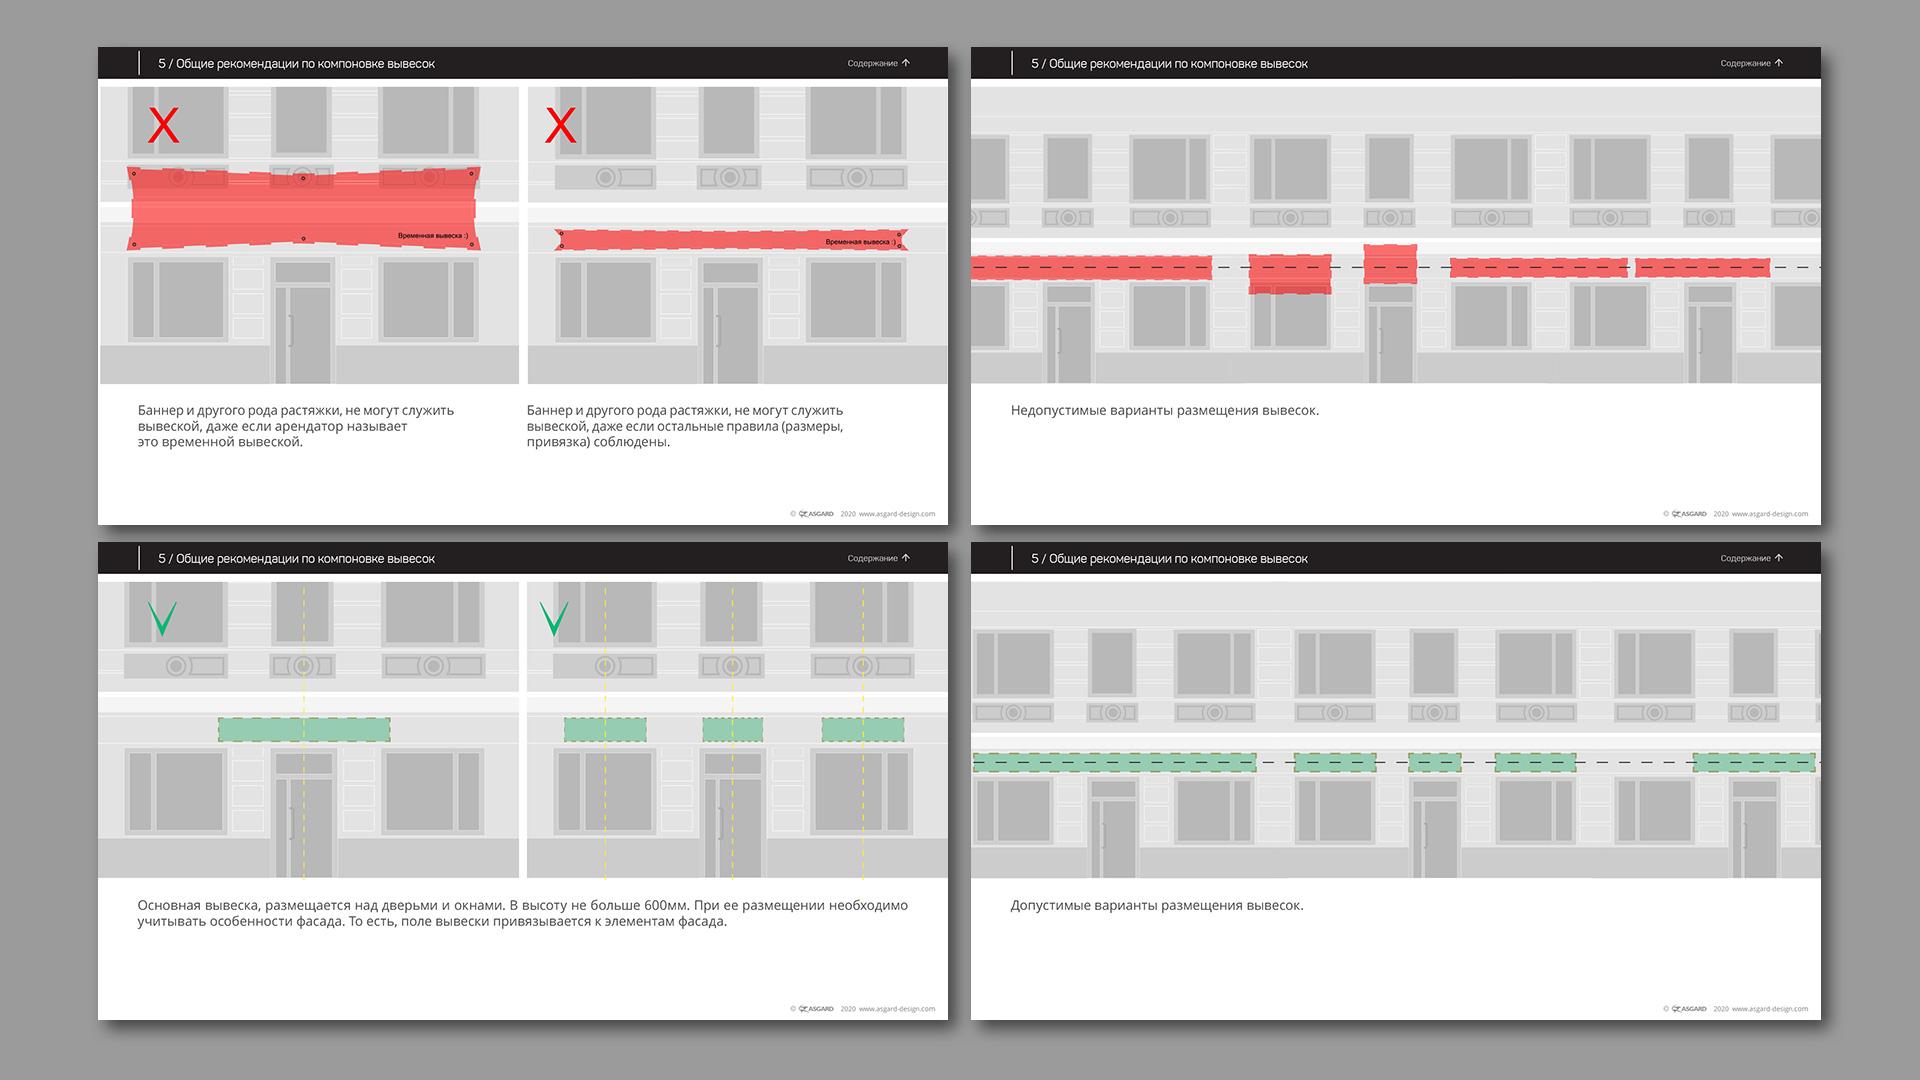 Асгард Брендинг, Красная Поляна, Курорт Красная Поляна, дизайн-код, реклама, рекламная экология, витрины, рекламные конструкции, правила размещения вывесок